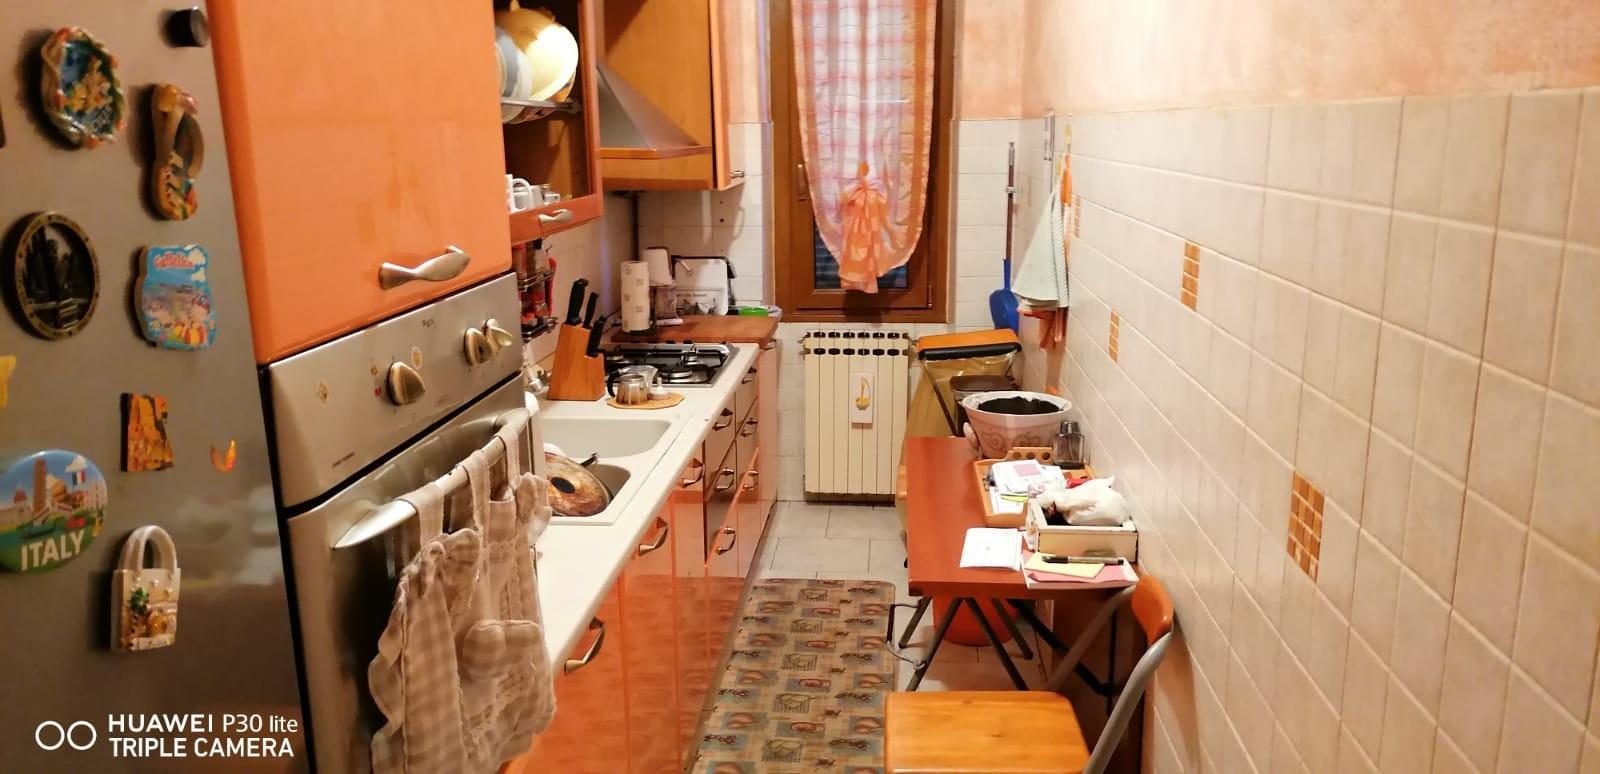 Foto 6 - Appartamento in Vendita - Lissone (Monza e Brianza)